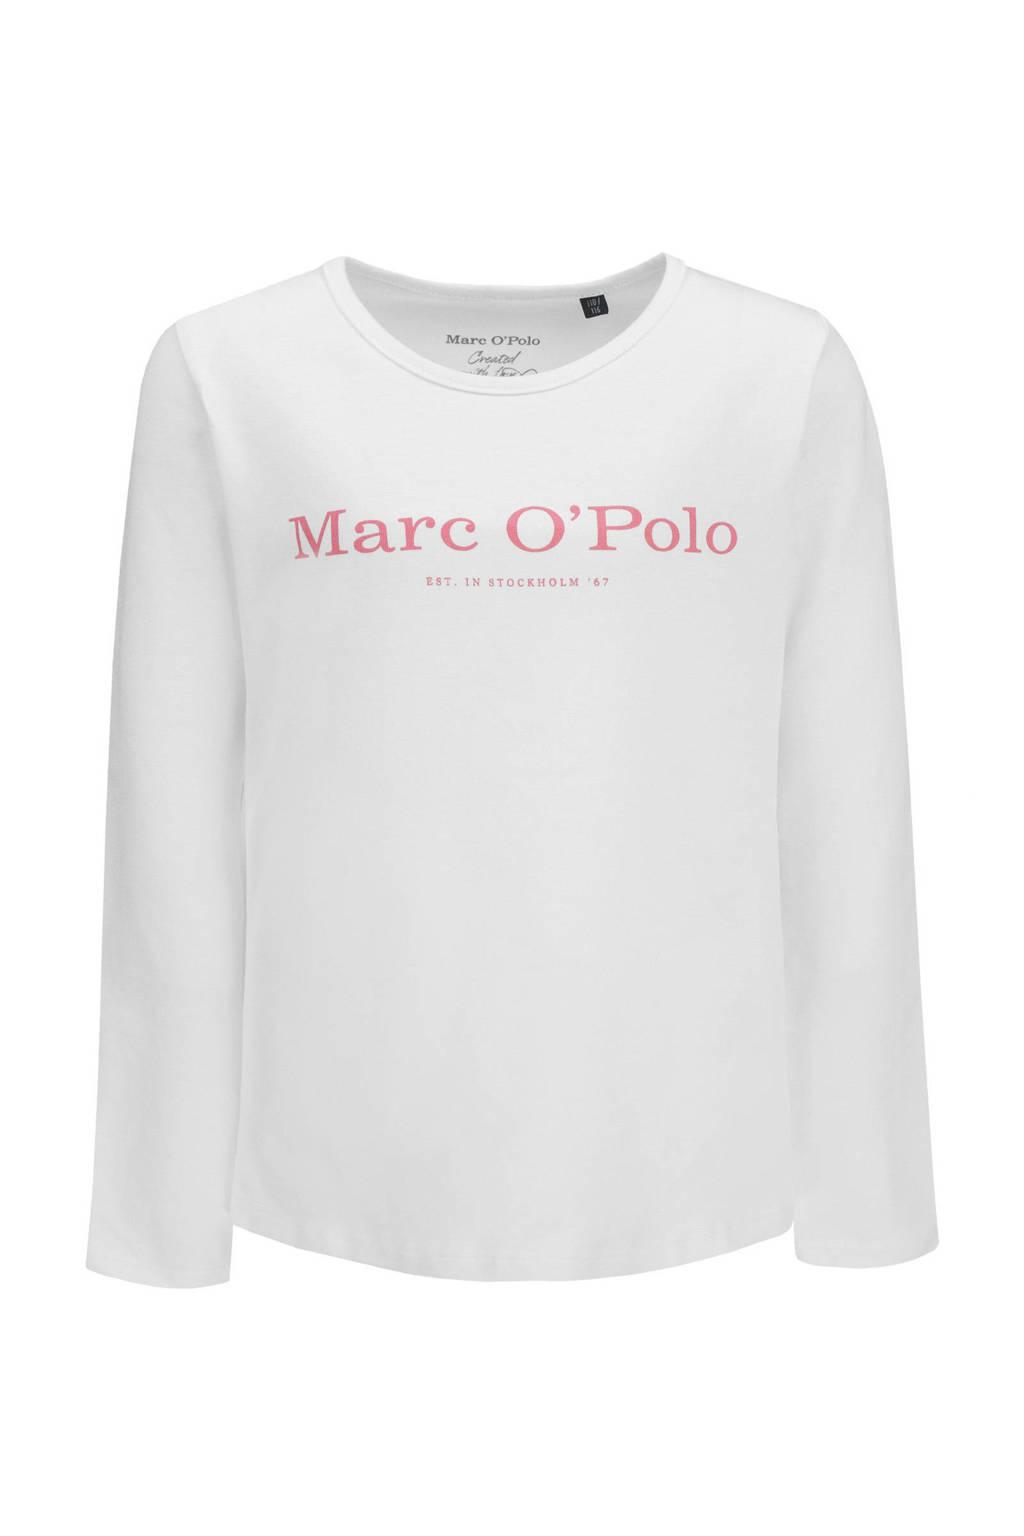 Marc O'Polo longsleeve met logo wit, Wit